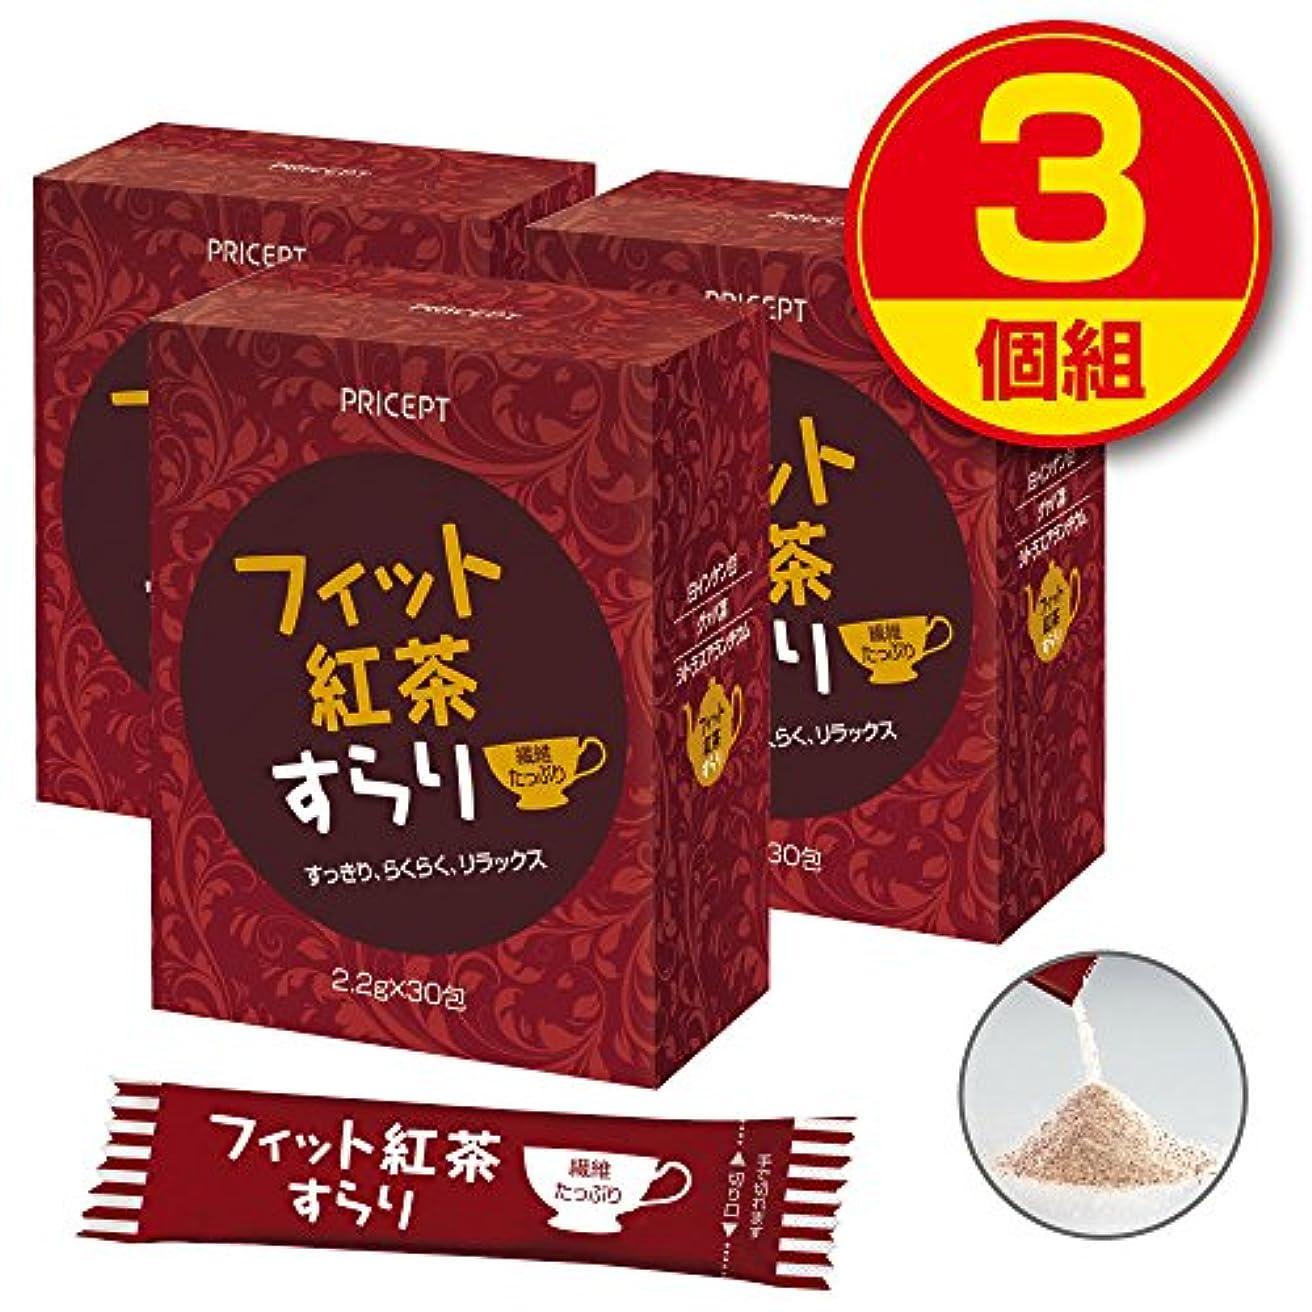 繁雑ハンディ仮称プリセプト フィット紅茶すらり(30包)【3個組?90包】(食物繊維配合ダイエットサポート紅茶)